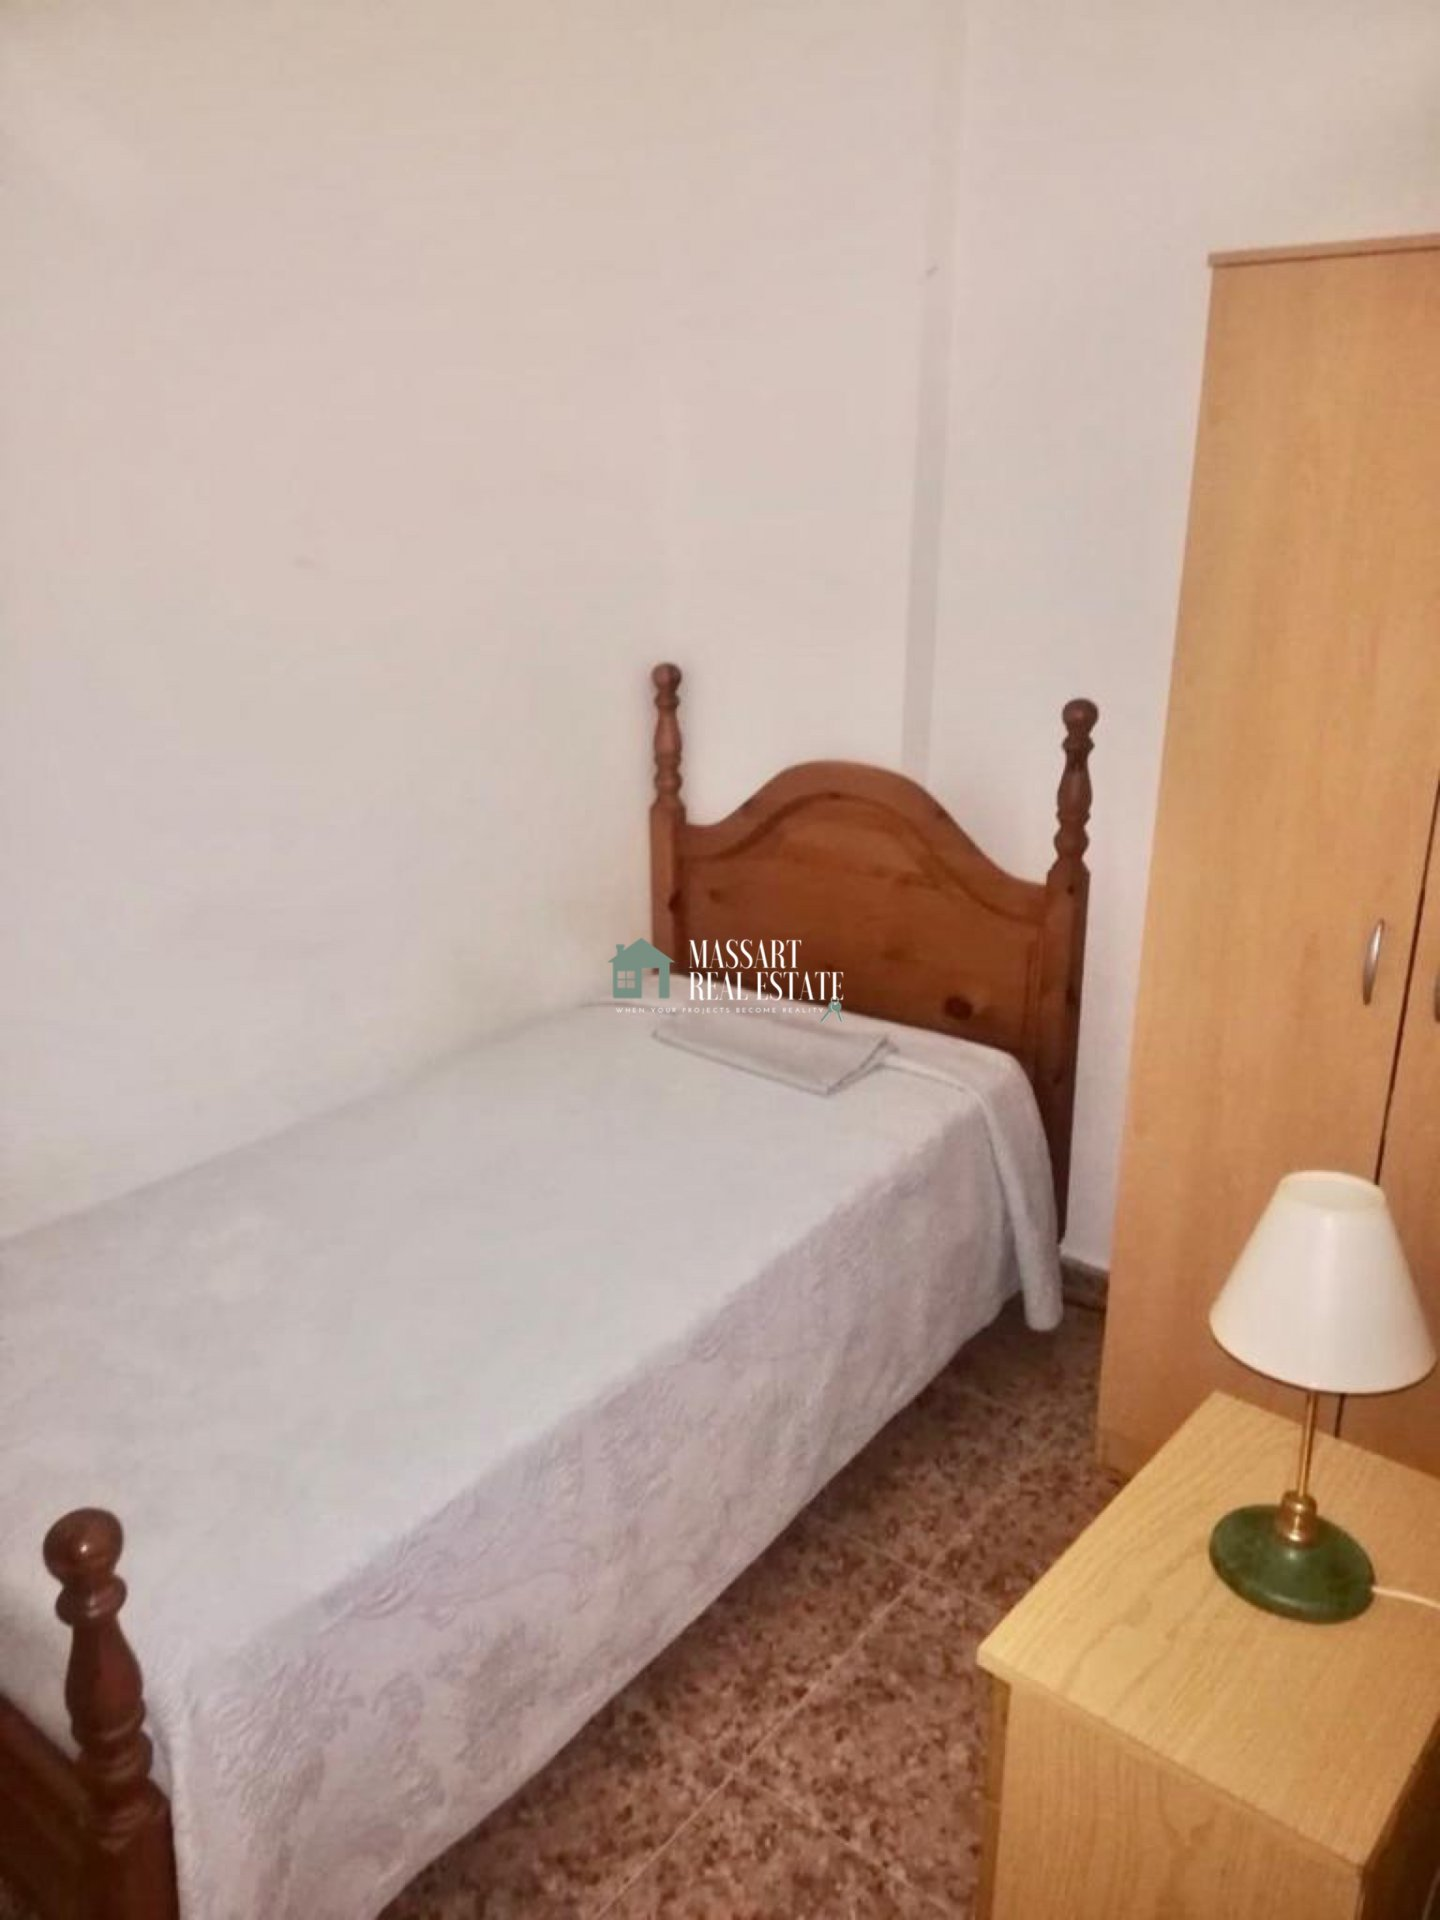 Apartamento funcional totalmente amueblado ubicado en Guaza, en un edificio caracterizado por su tranquilidad.